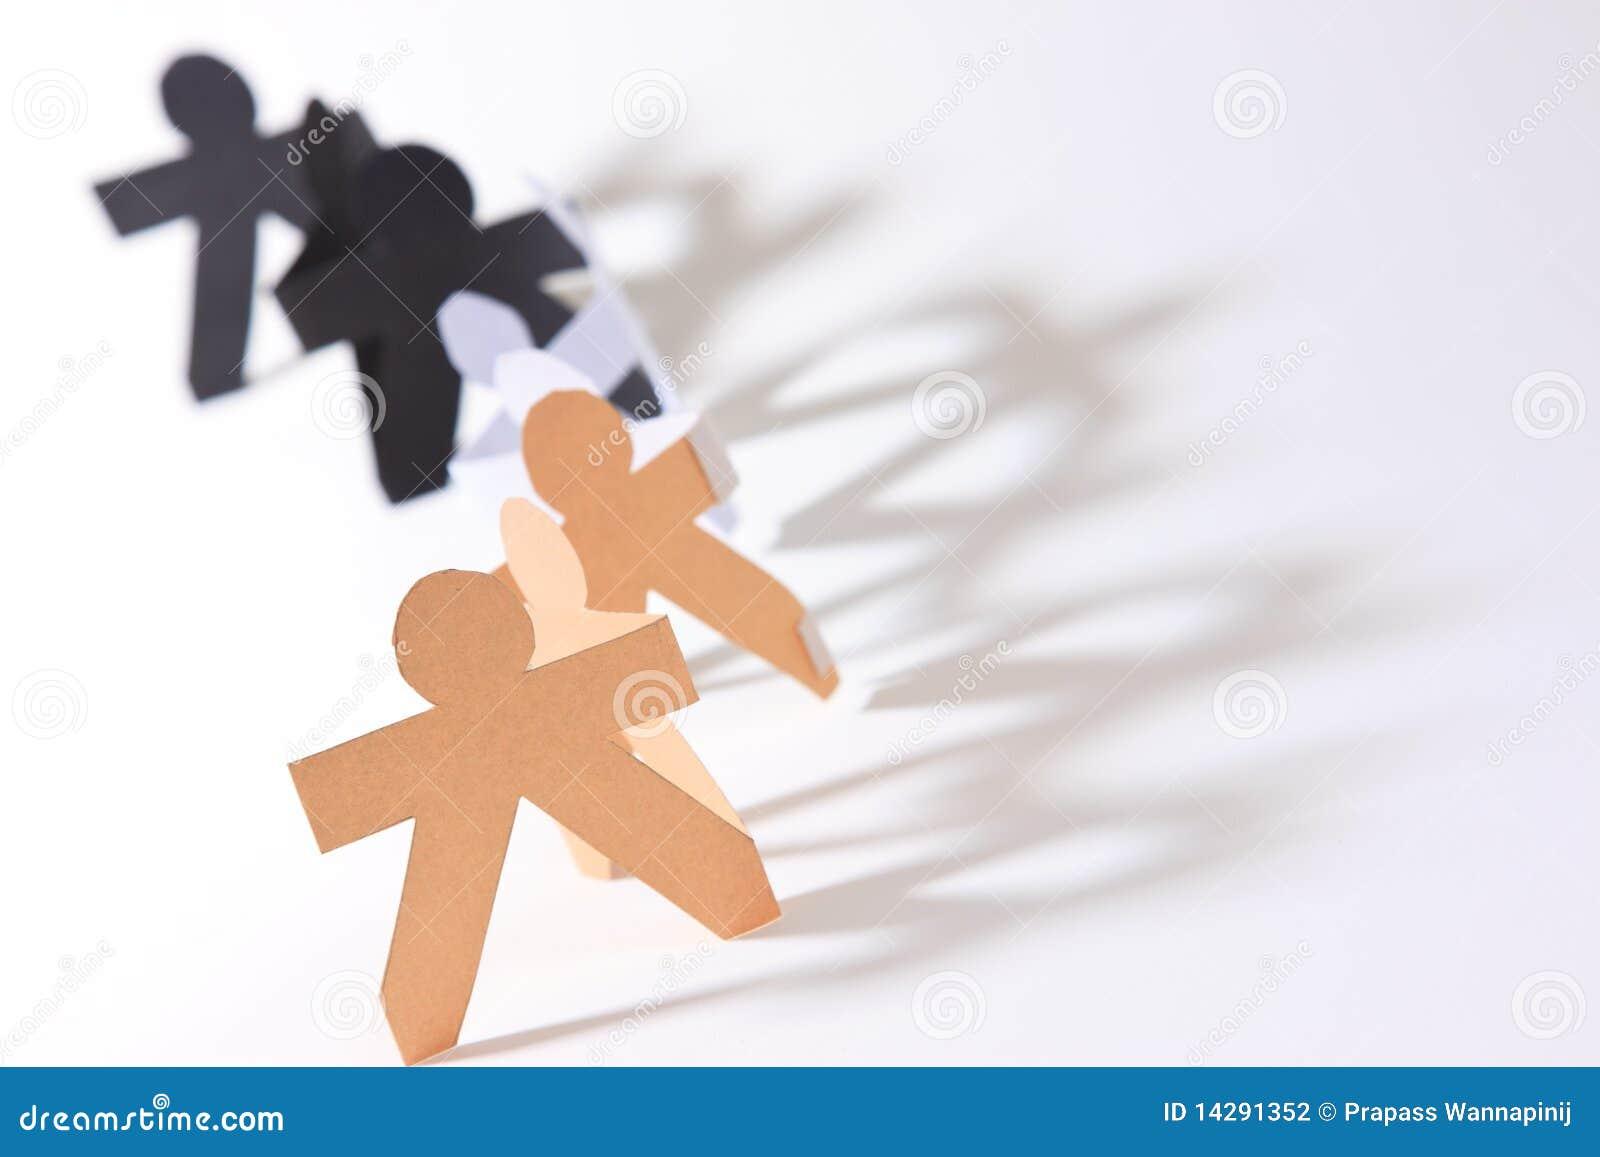 Racial Equality Symbol Show human race equality